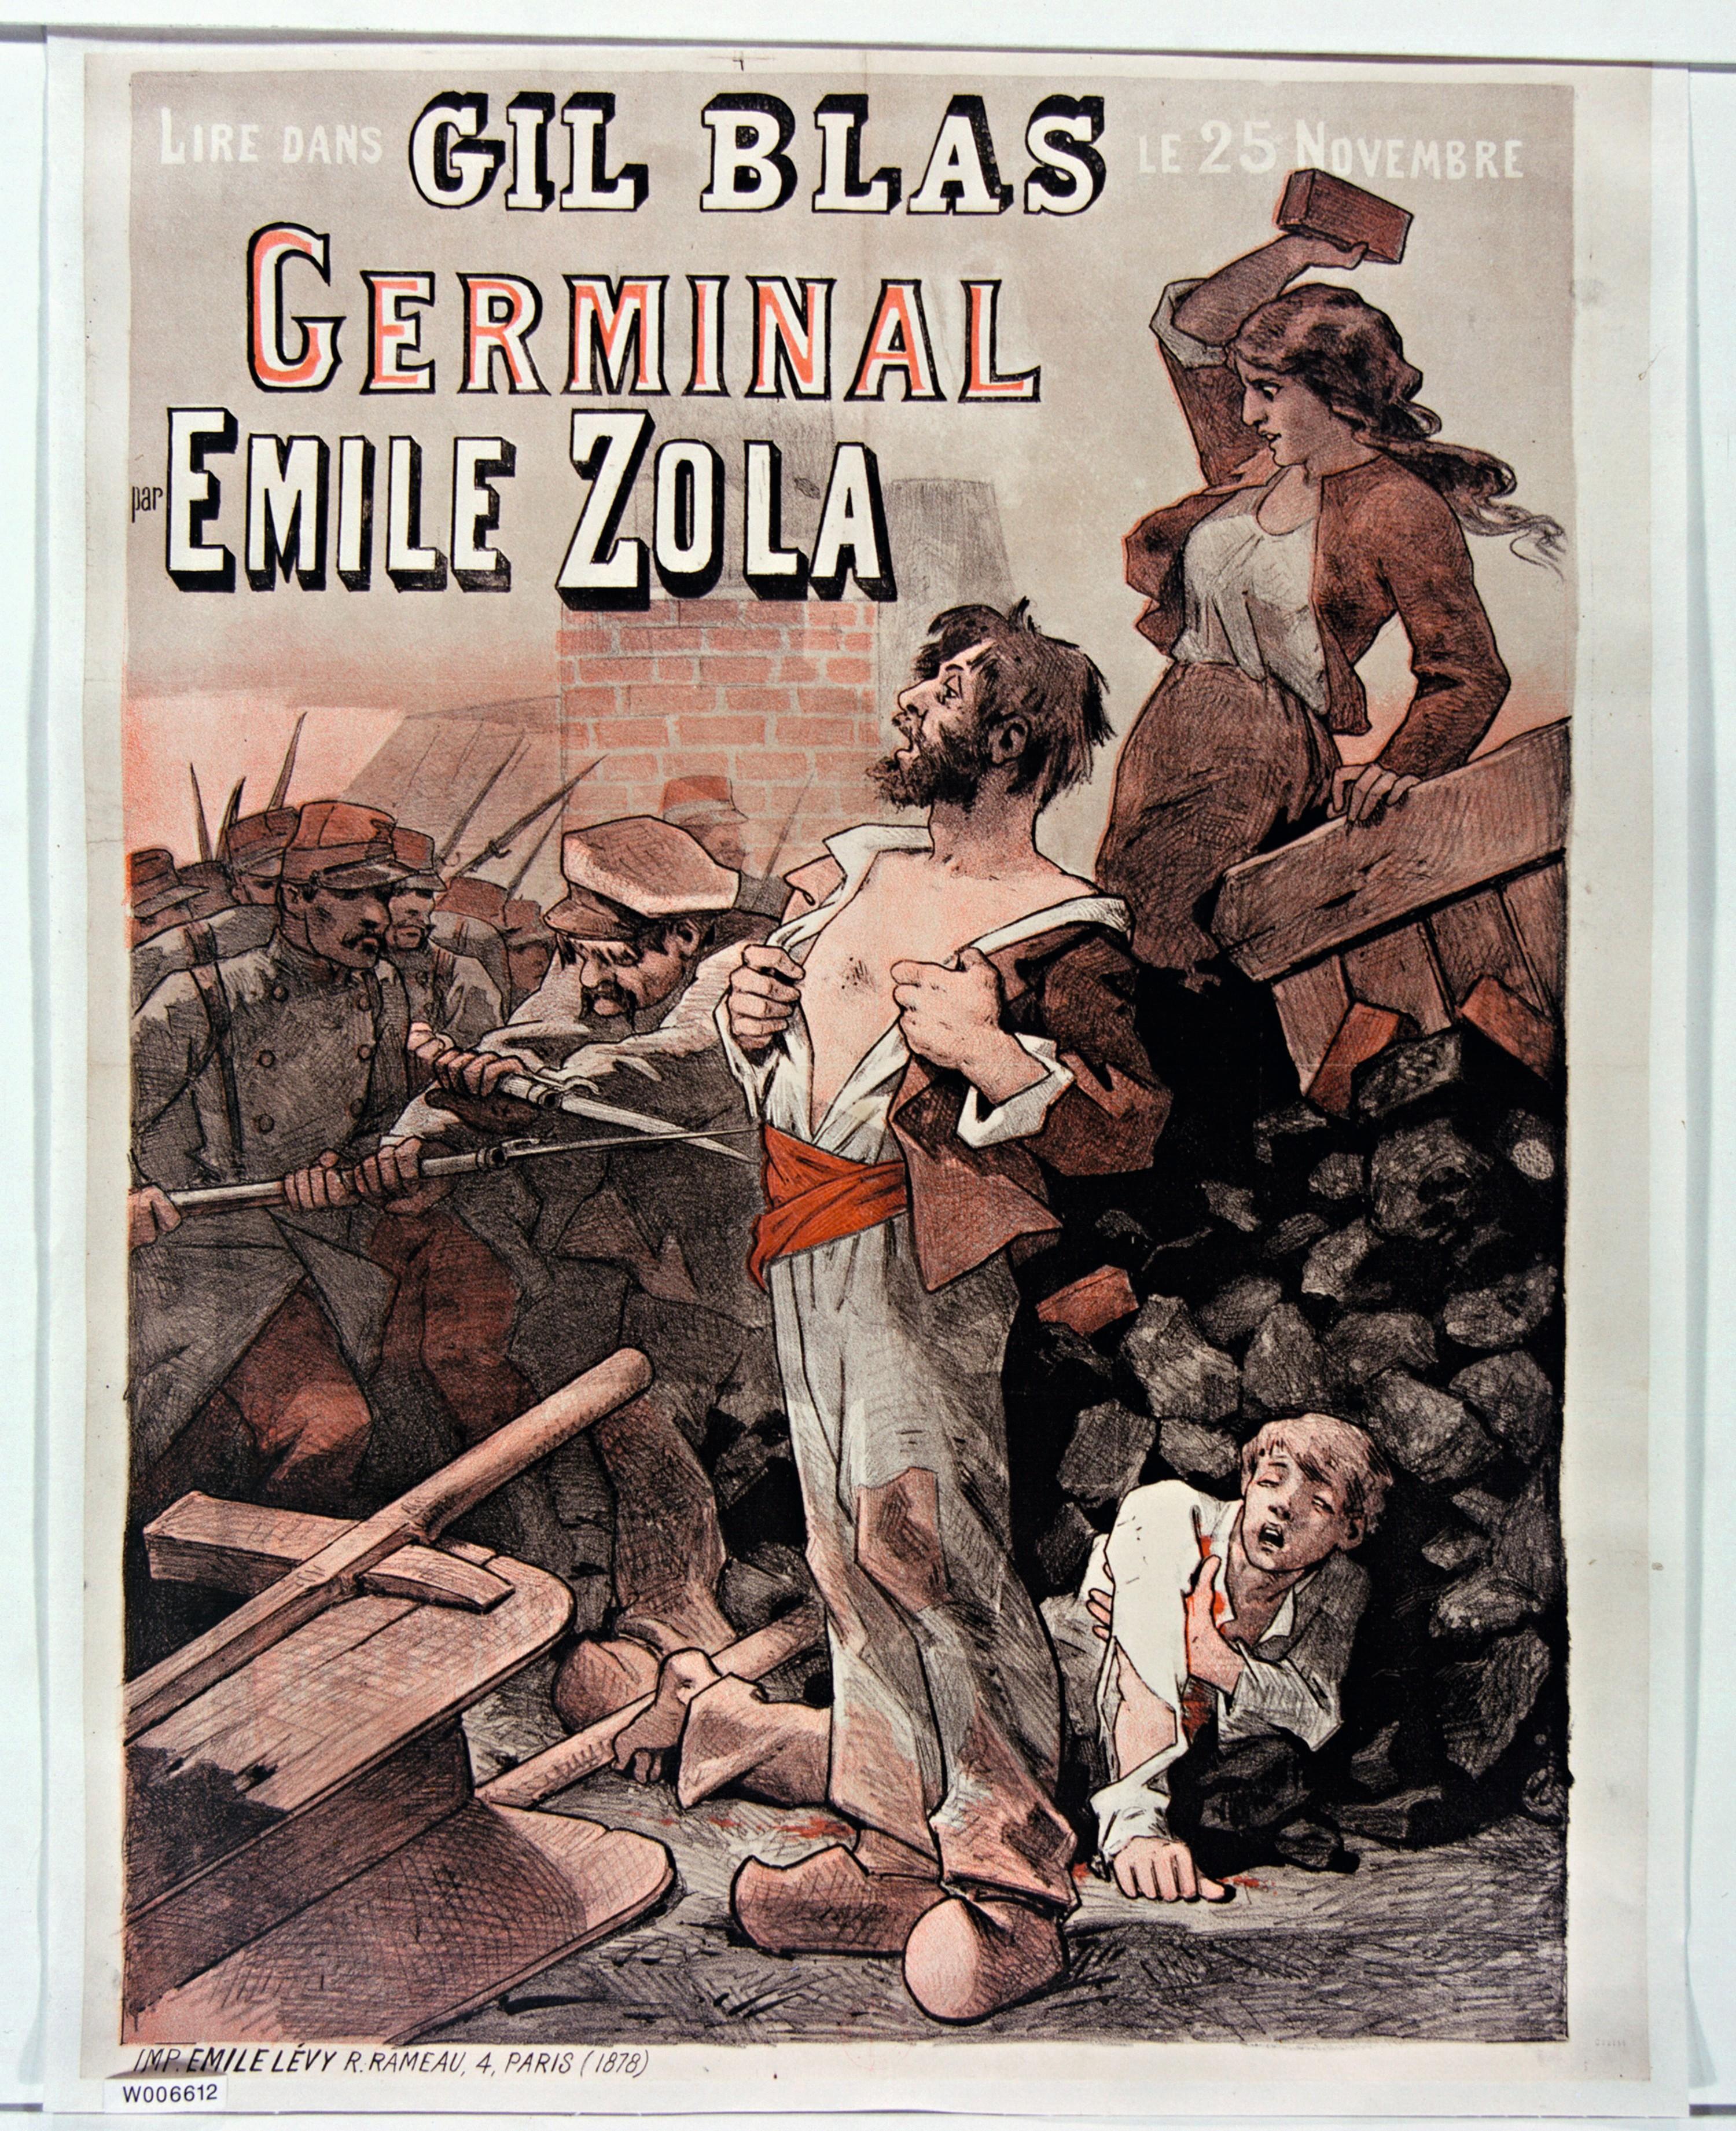 Affiche de Germinal d'Émile Zola, journal Gil Blas, BnF, Paris.